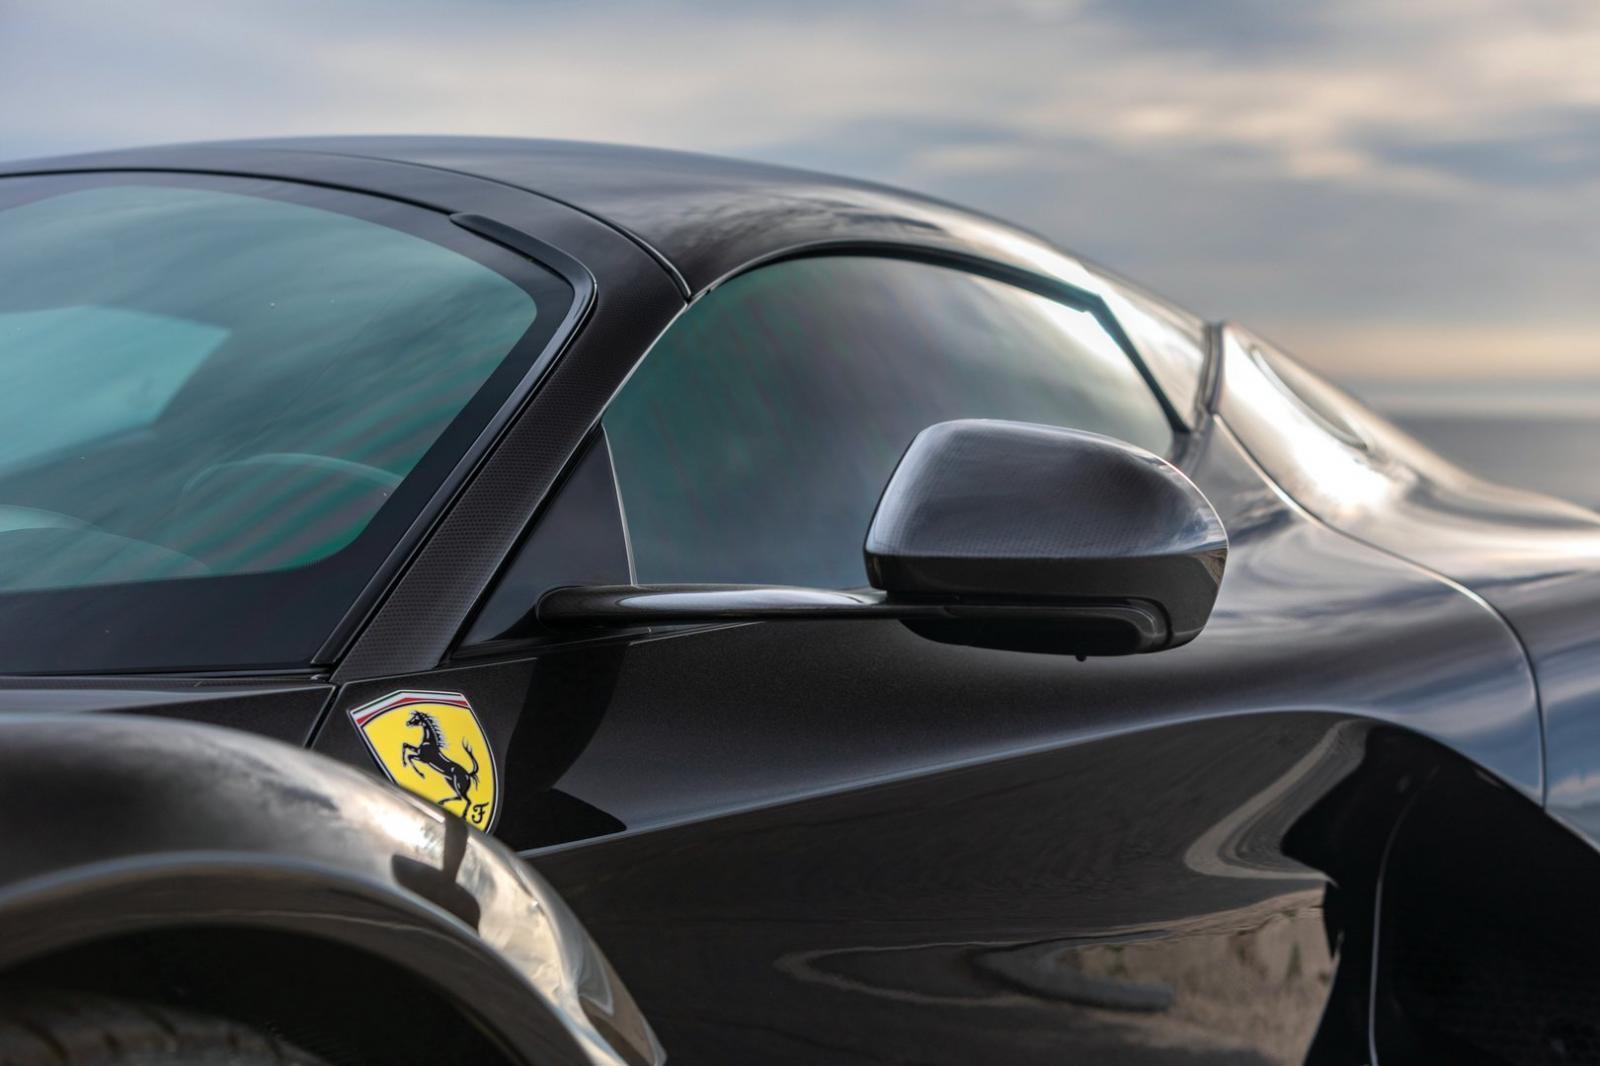 Tuỳ chọn carbon có sẵn trên chiếc Bugatti Chiron này